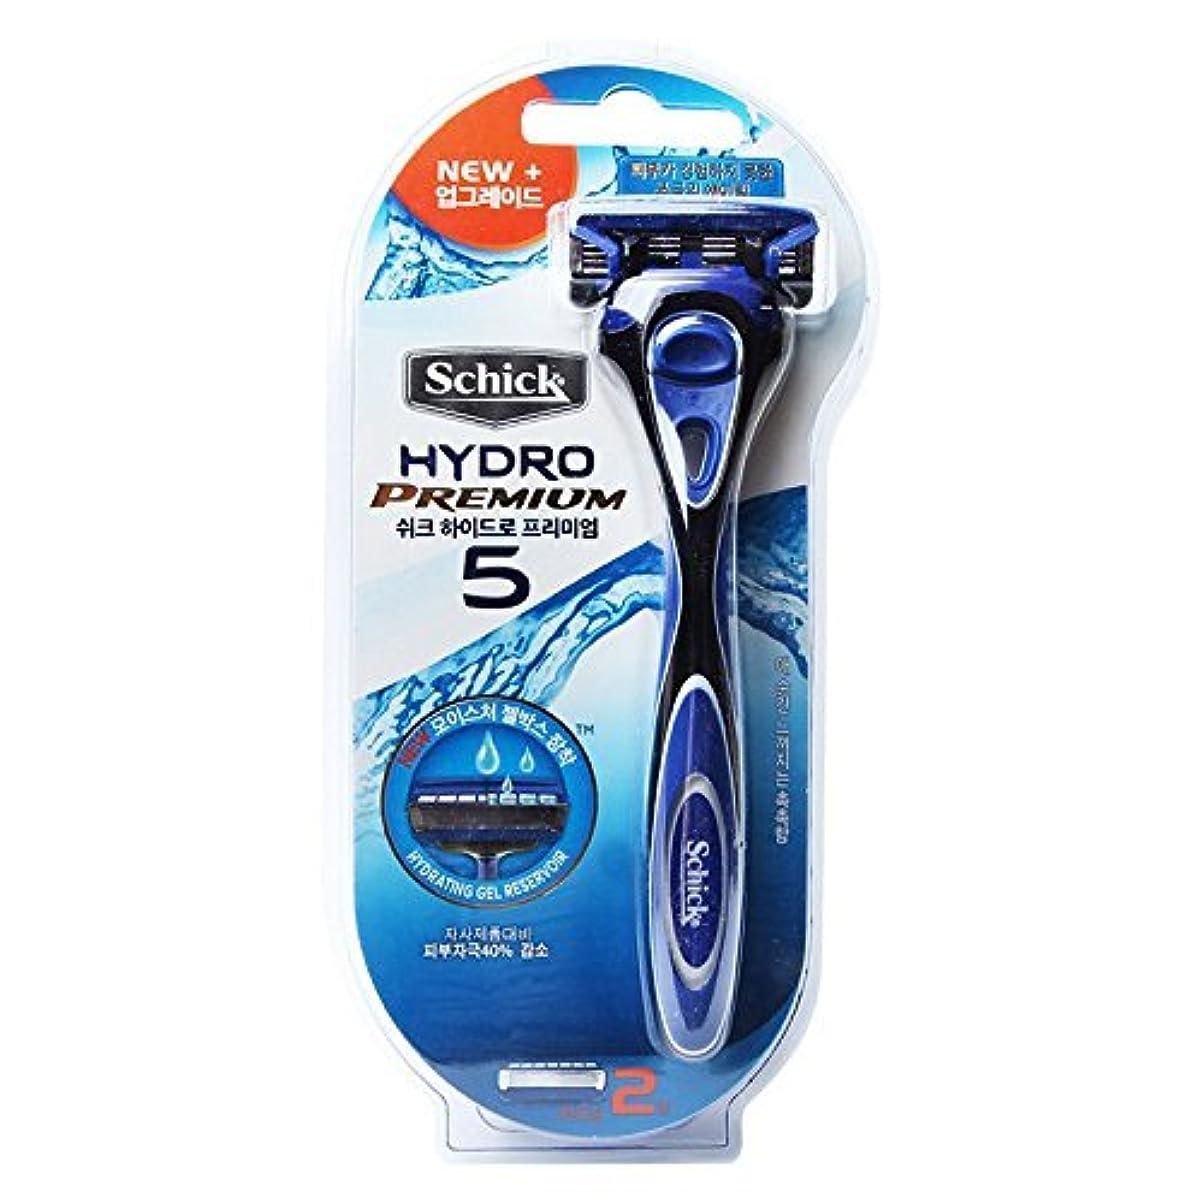 拒否休憩立派なSchick Hydro 5 Premium トリマーで男性と2カミソリ詰め替え用カミソリ [並行輸入品]